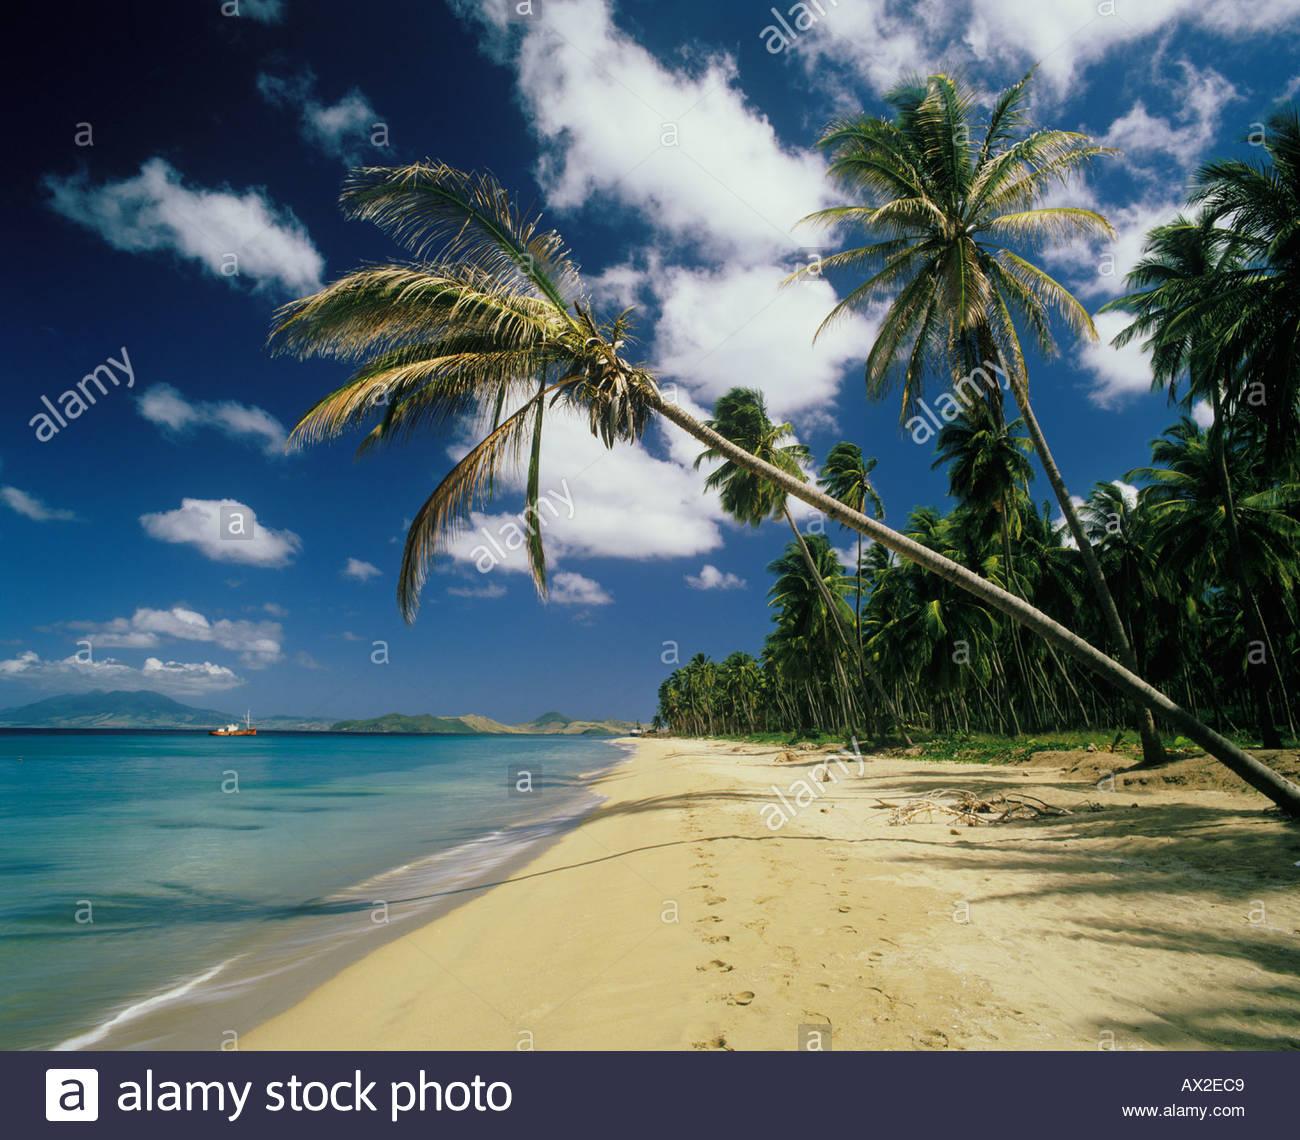 pinneys-beach-on-the-caribbean-island-of